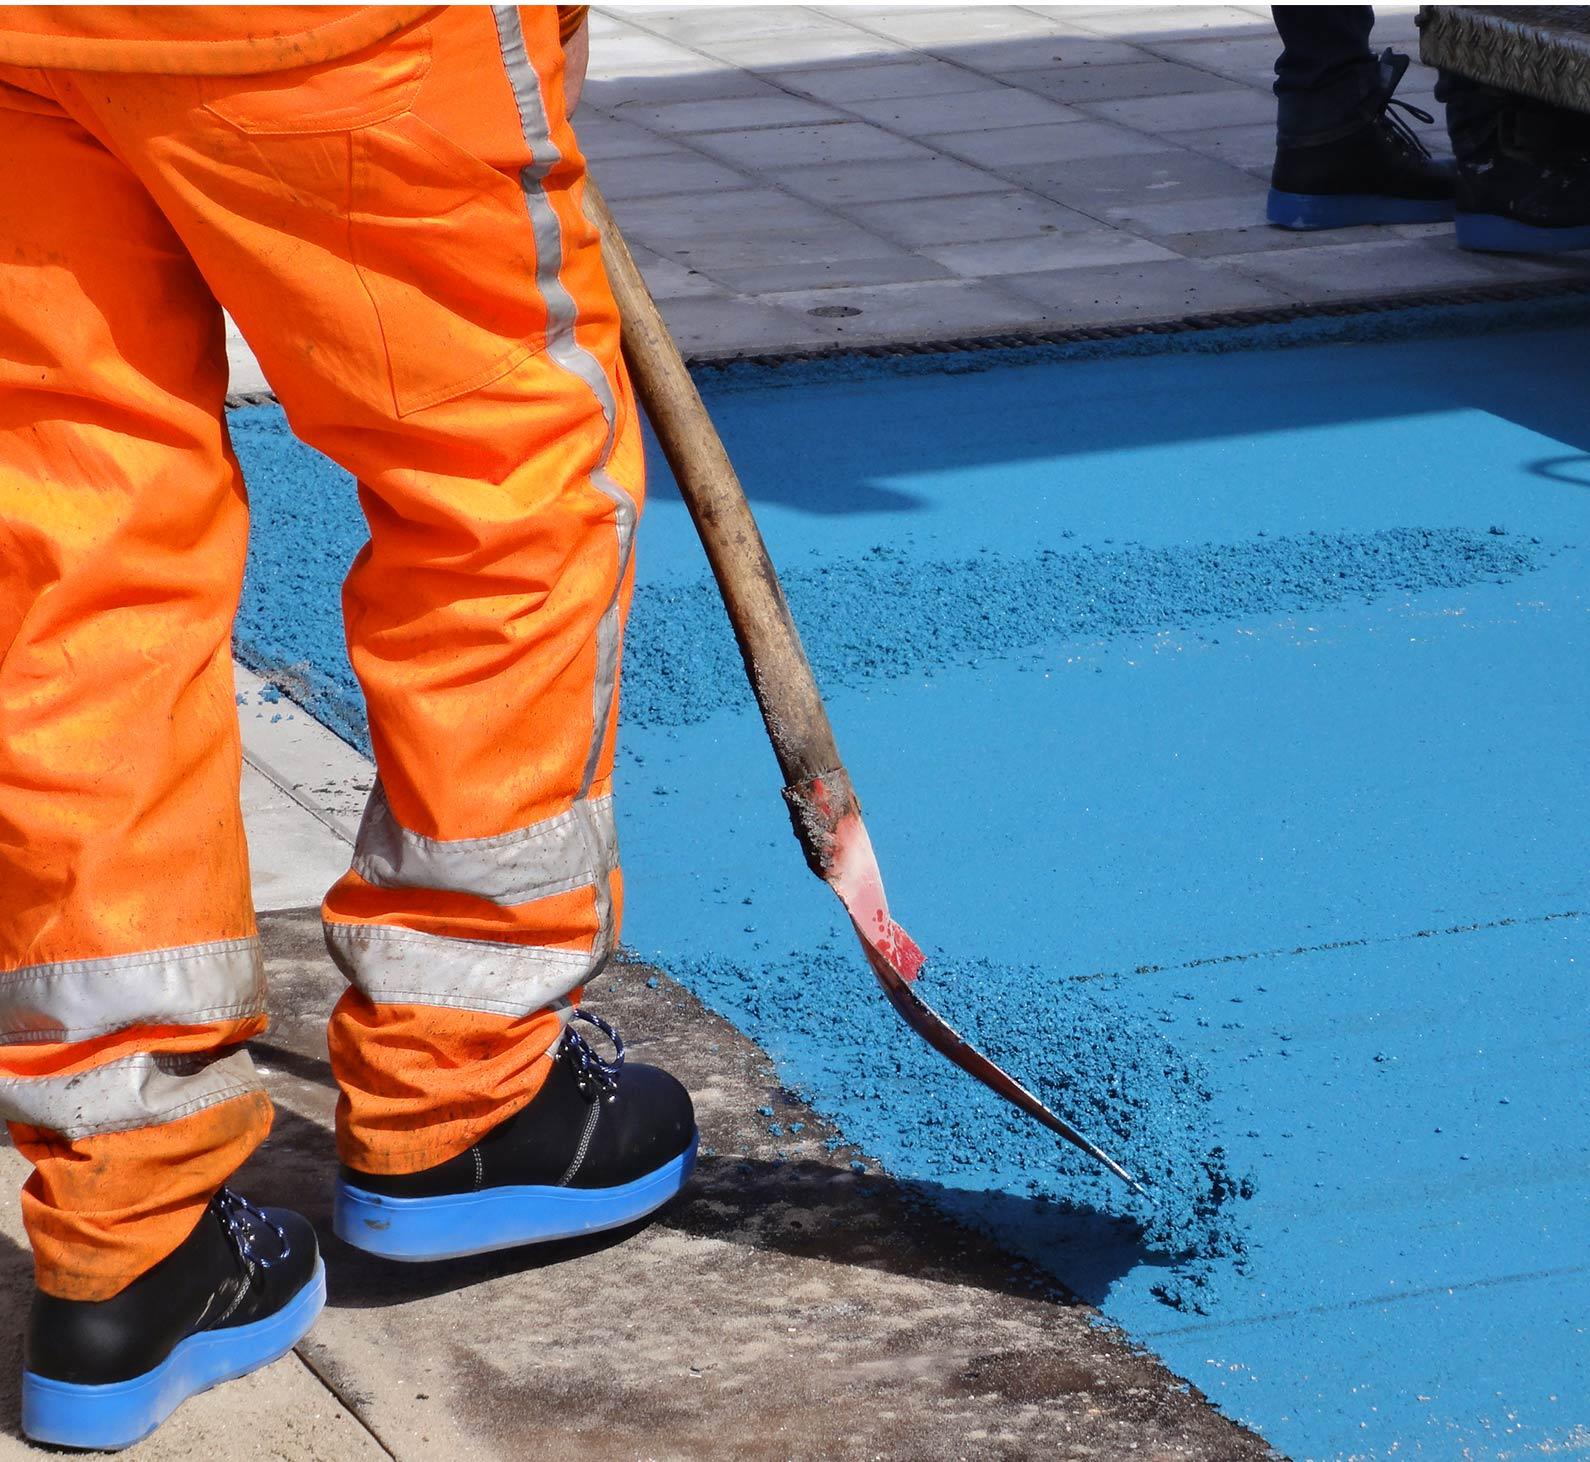 Onderhoud en asfaltreparatie